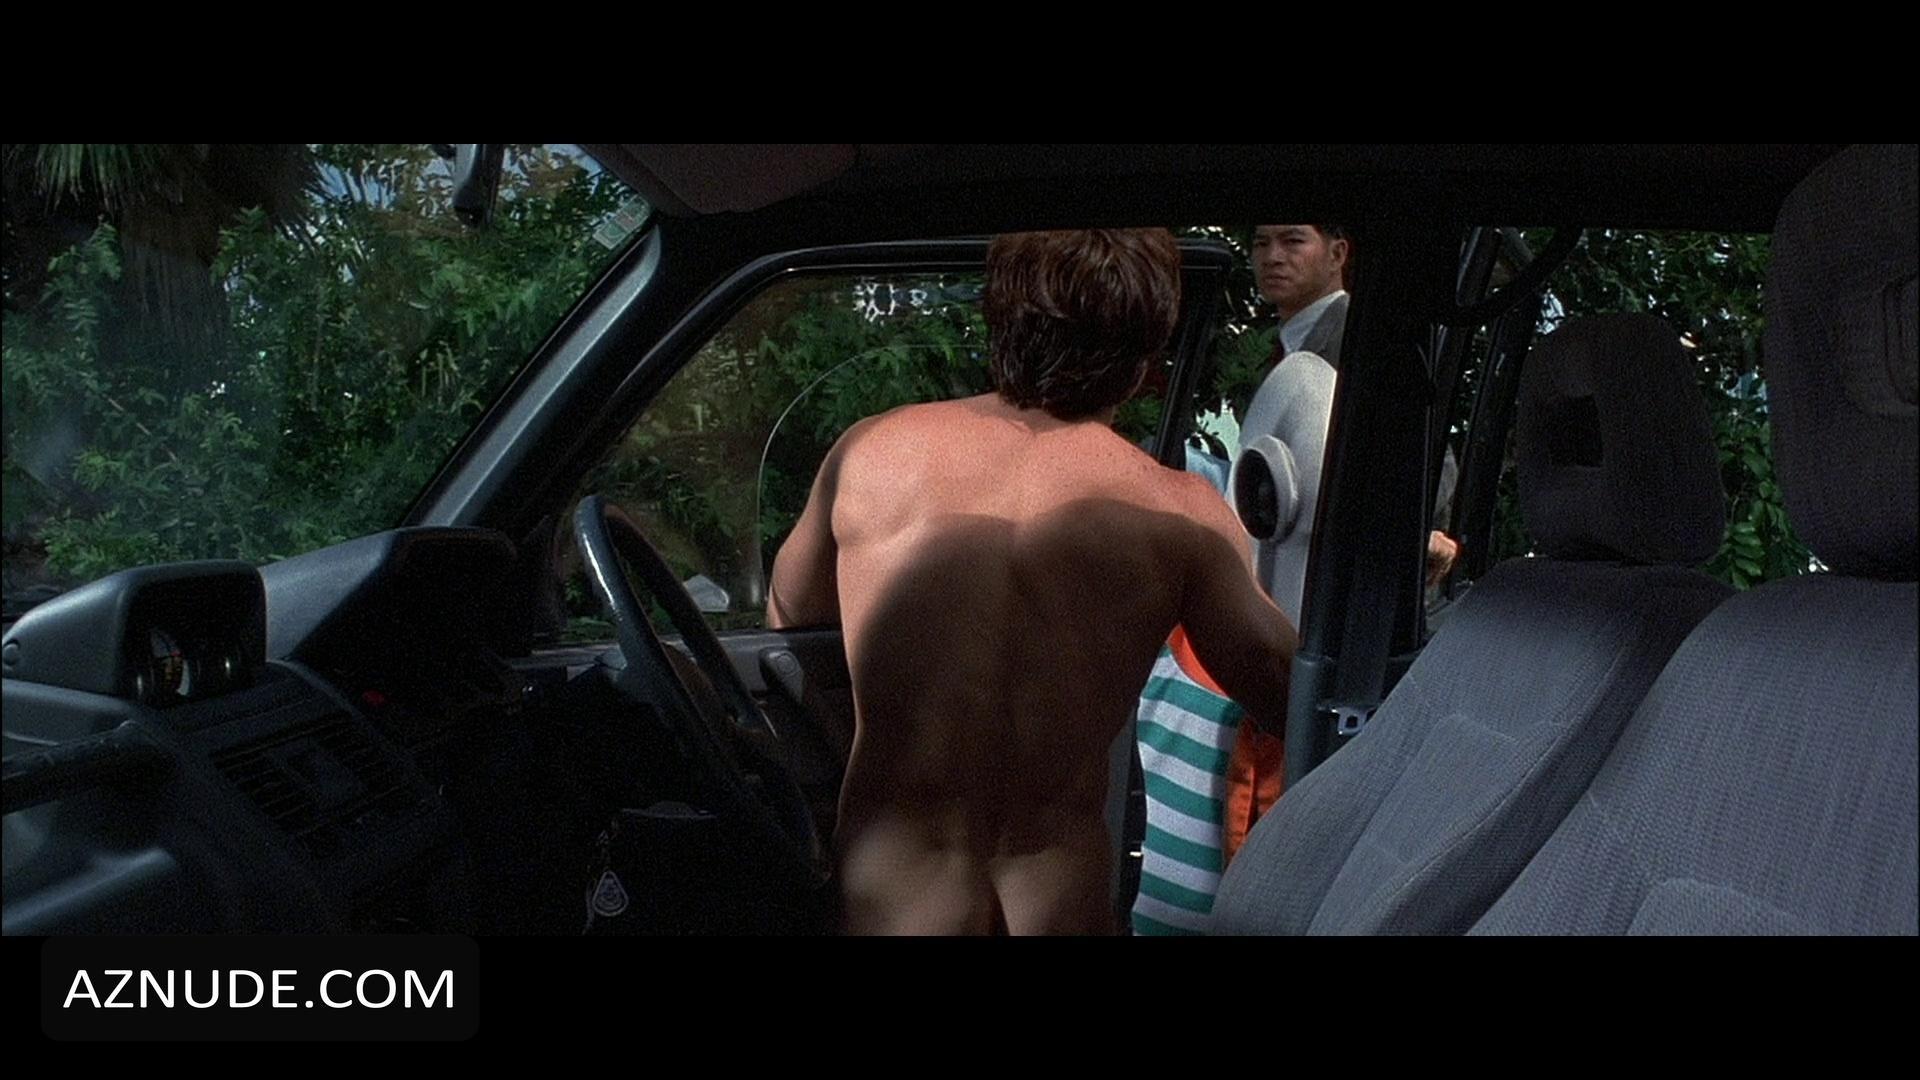 man fondling naked woman